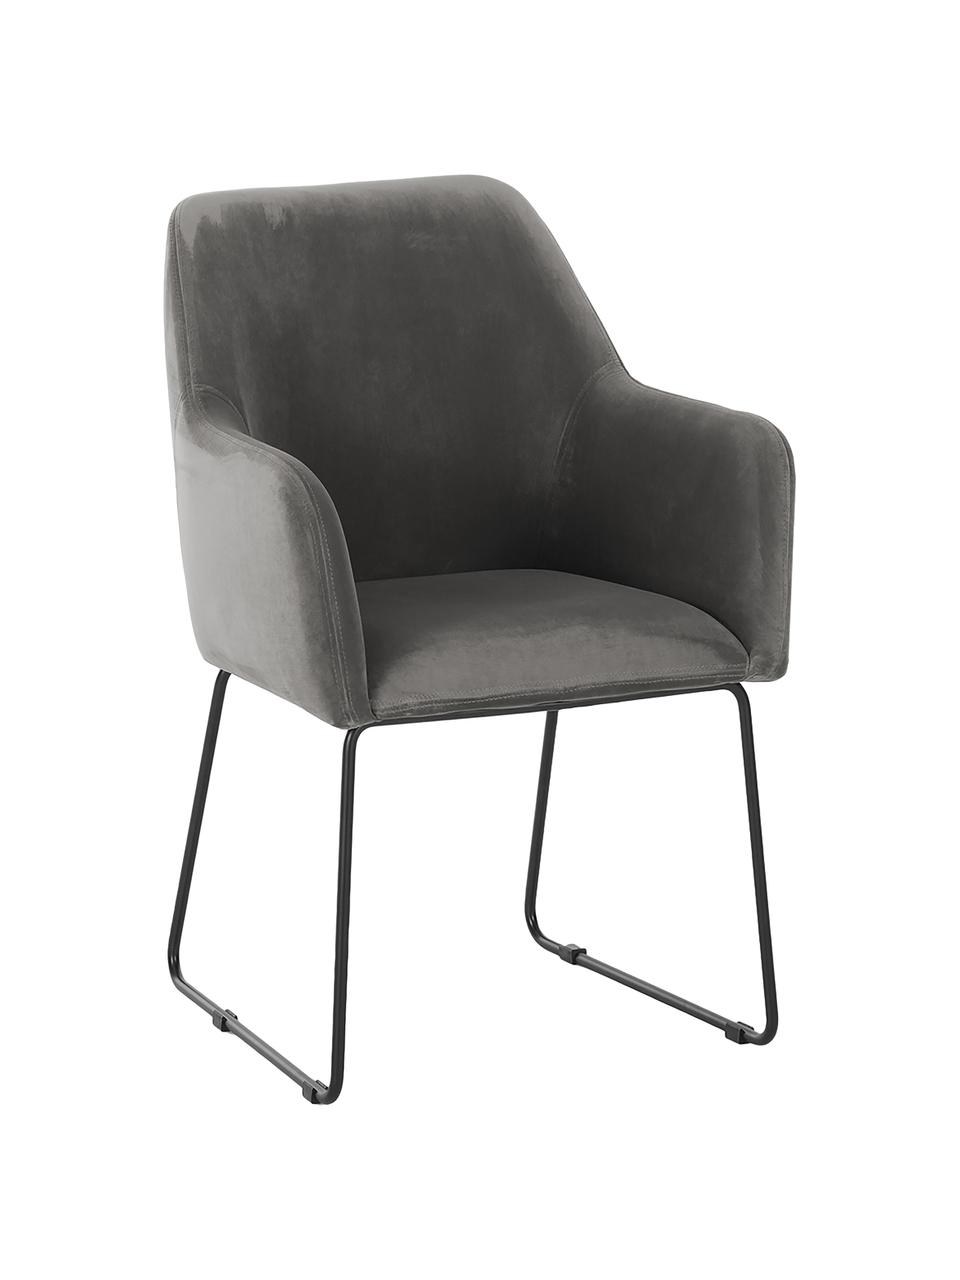 Sedia con braccioli in velluto Isla, Rivestimento: poliestere Con 50.000 cic, Gambe: metallo verniciato a polv, Velluto grigio pietra, gambe nero, Larg. 58 x Prof. 62 cm